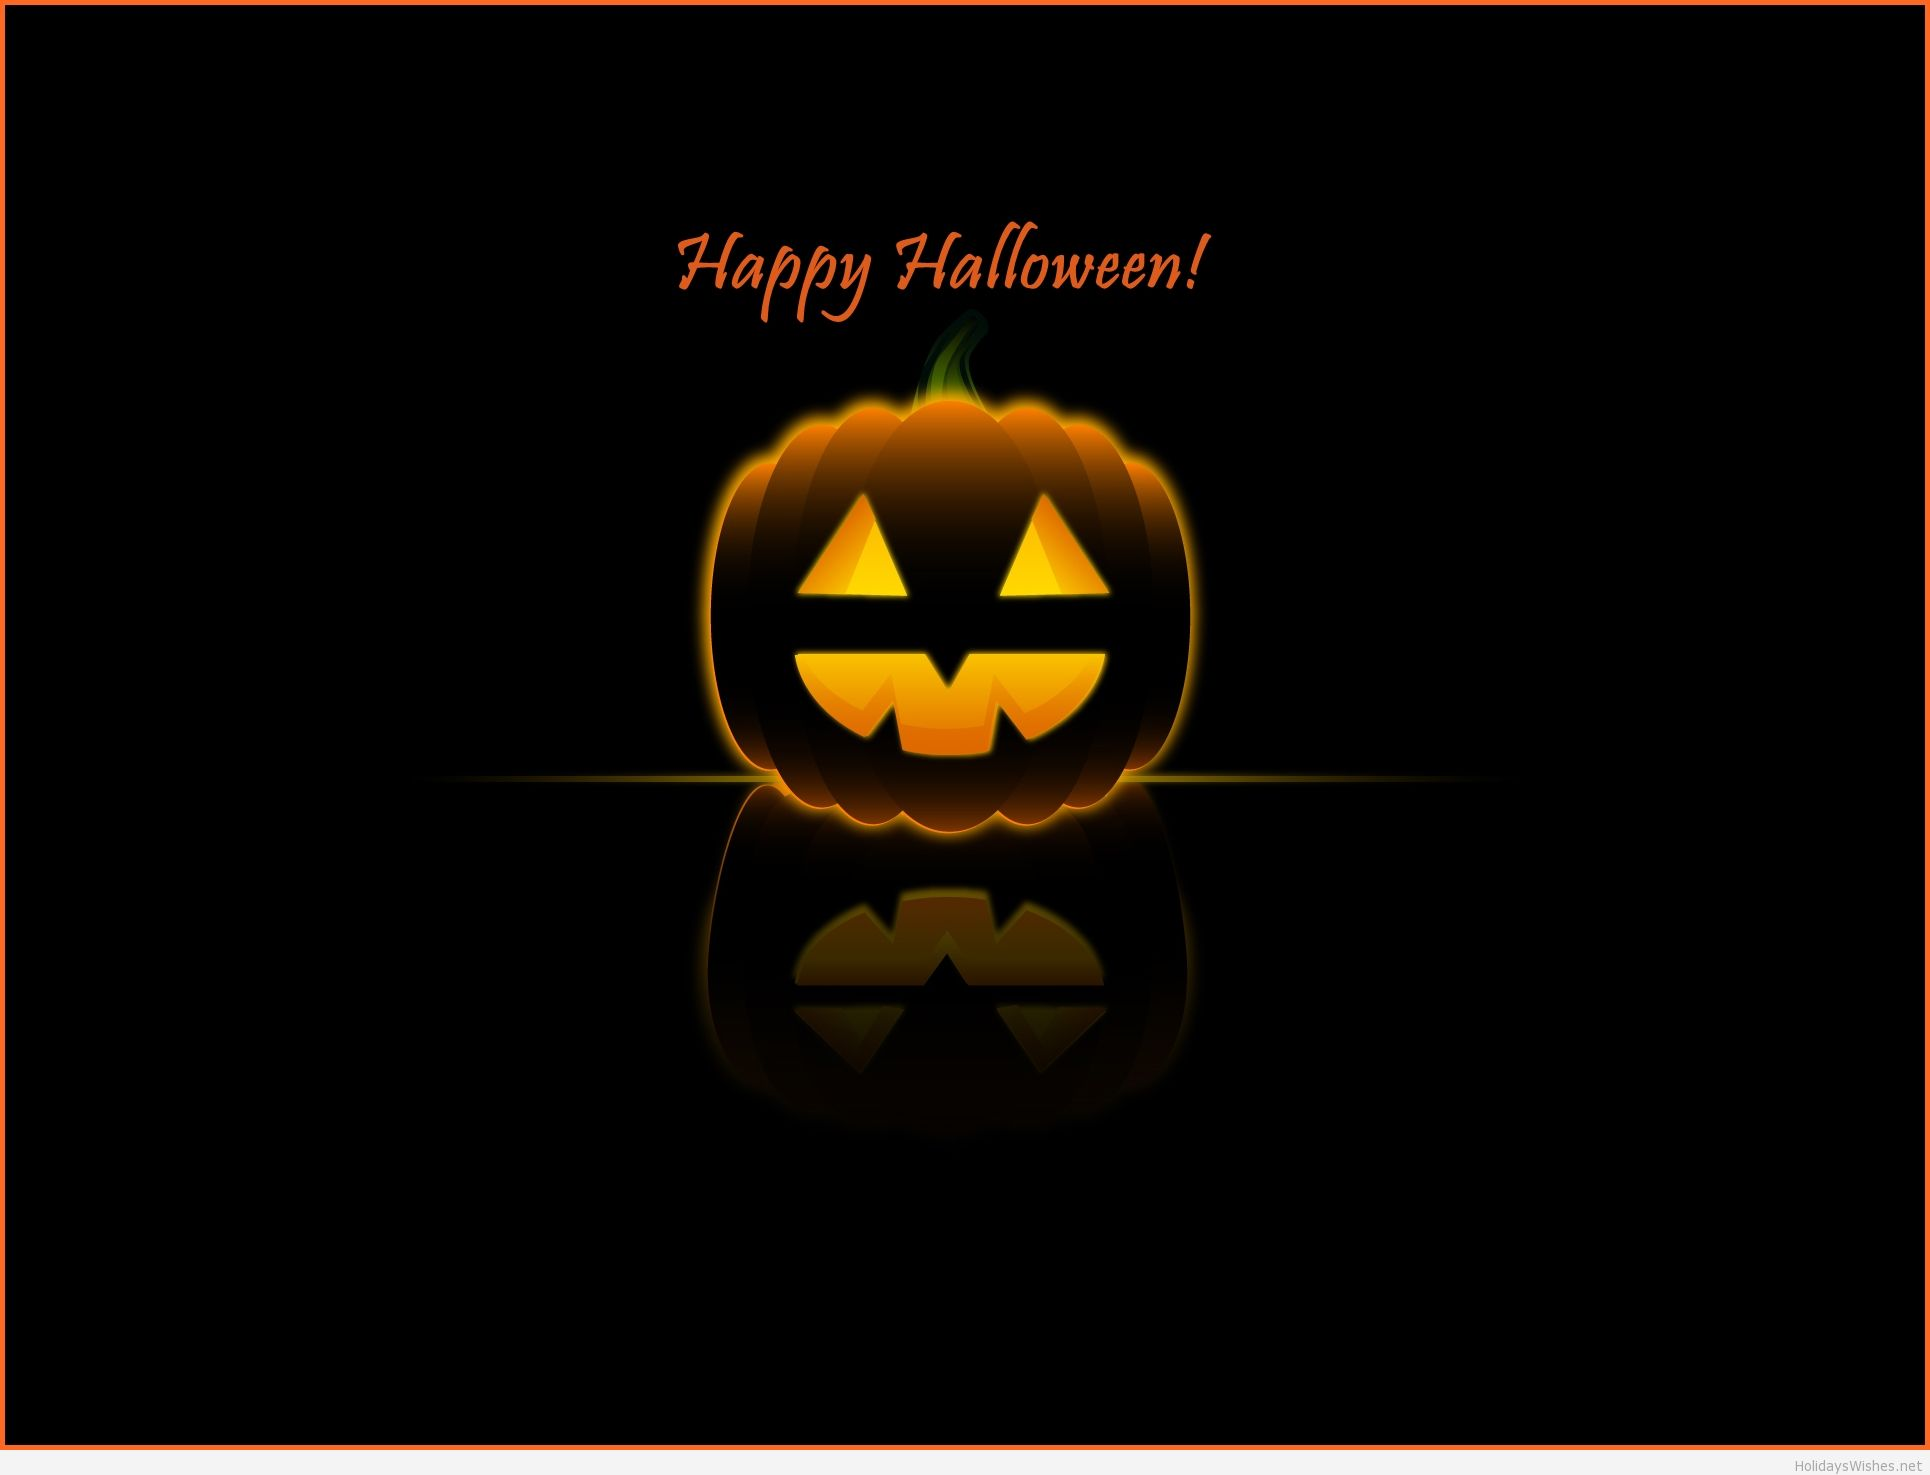 Happy-Halloween-Pumpkin-wallpaper